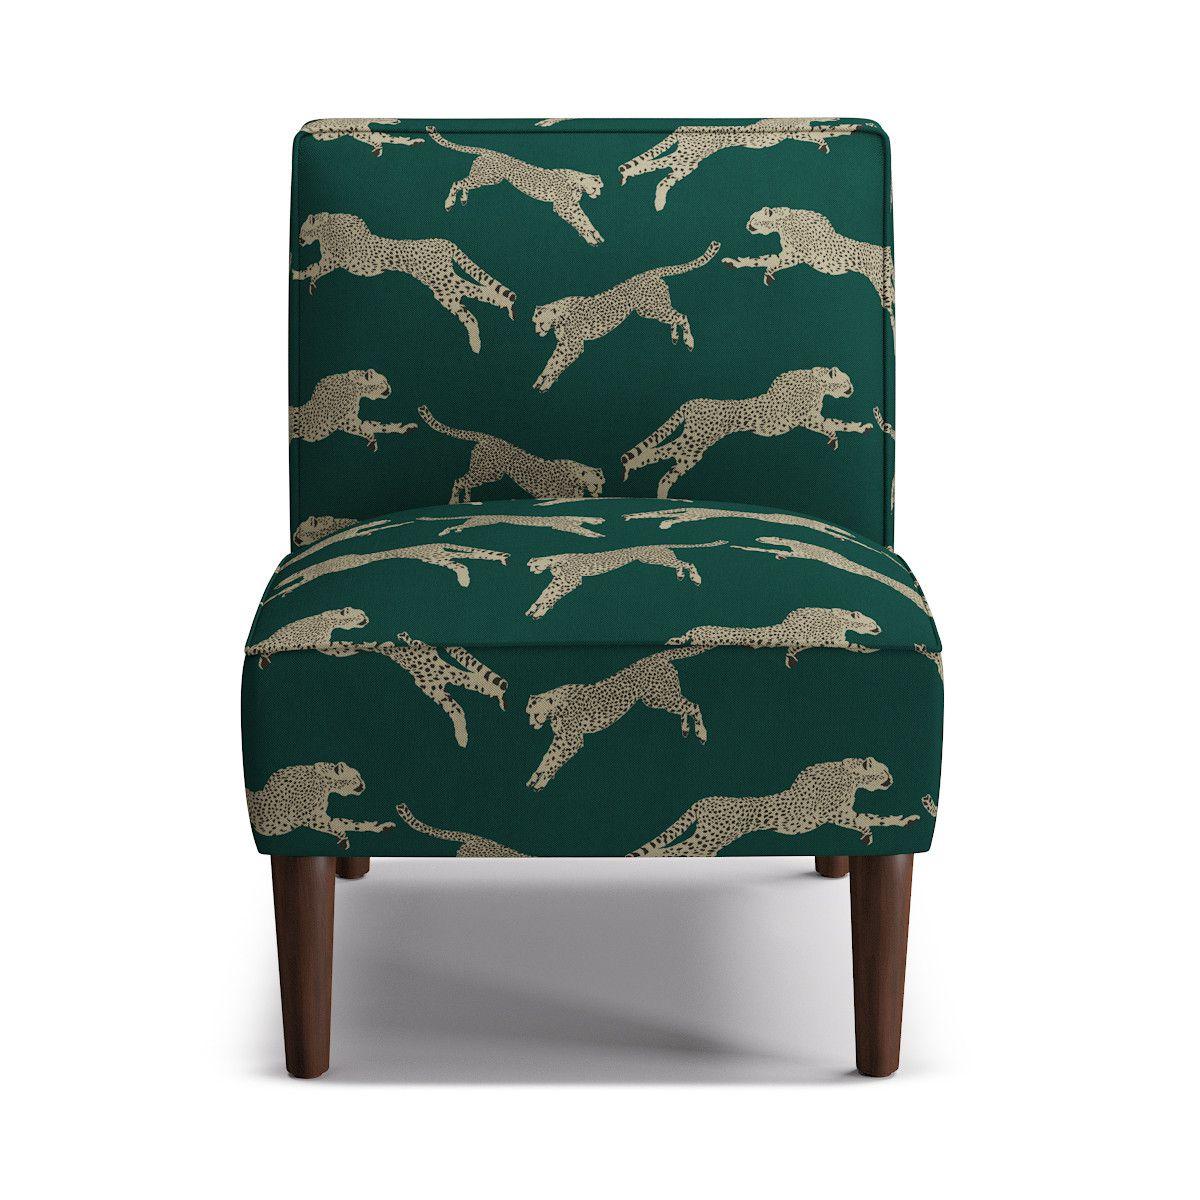 cheetah chair